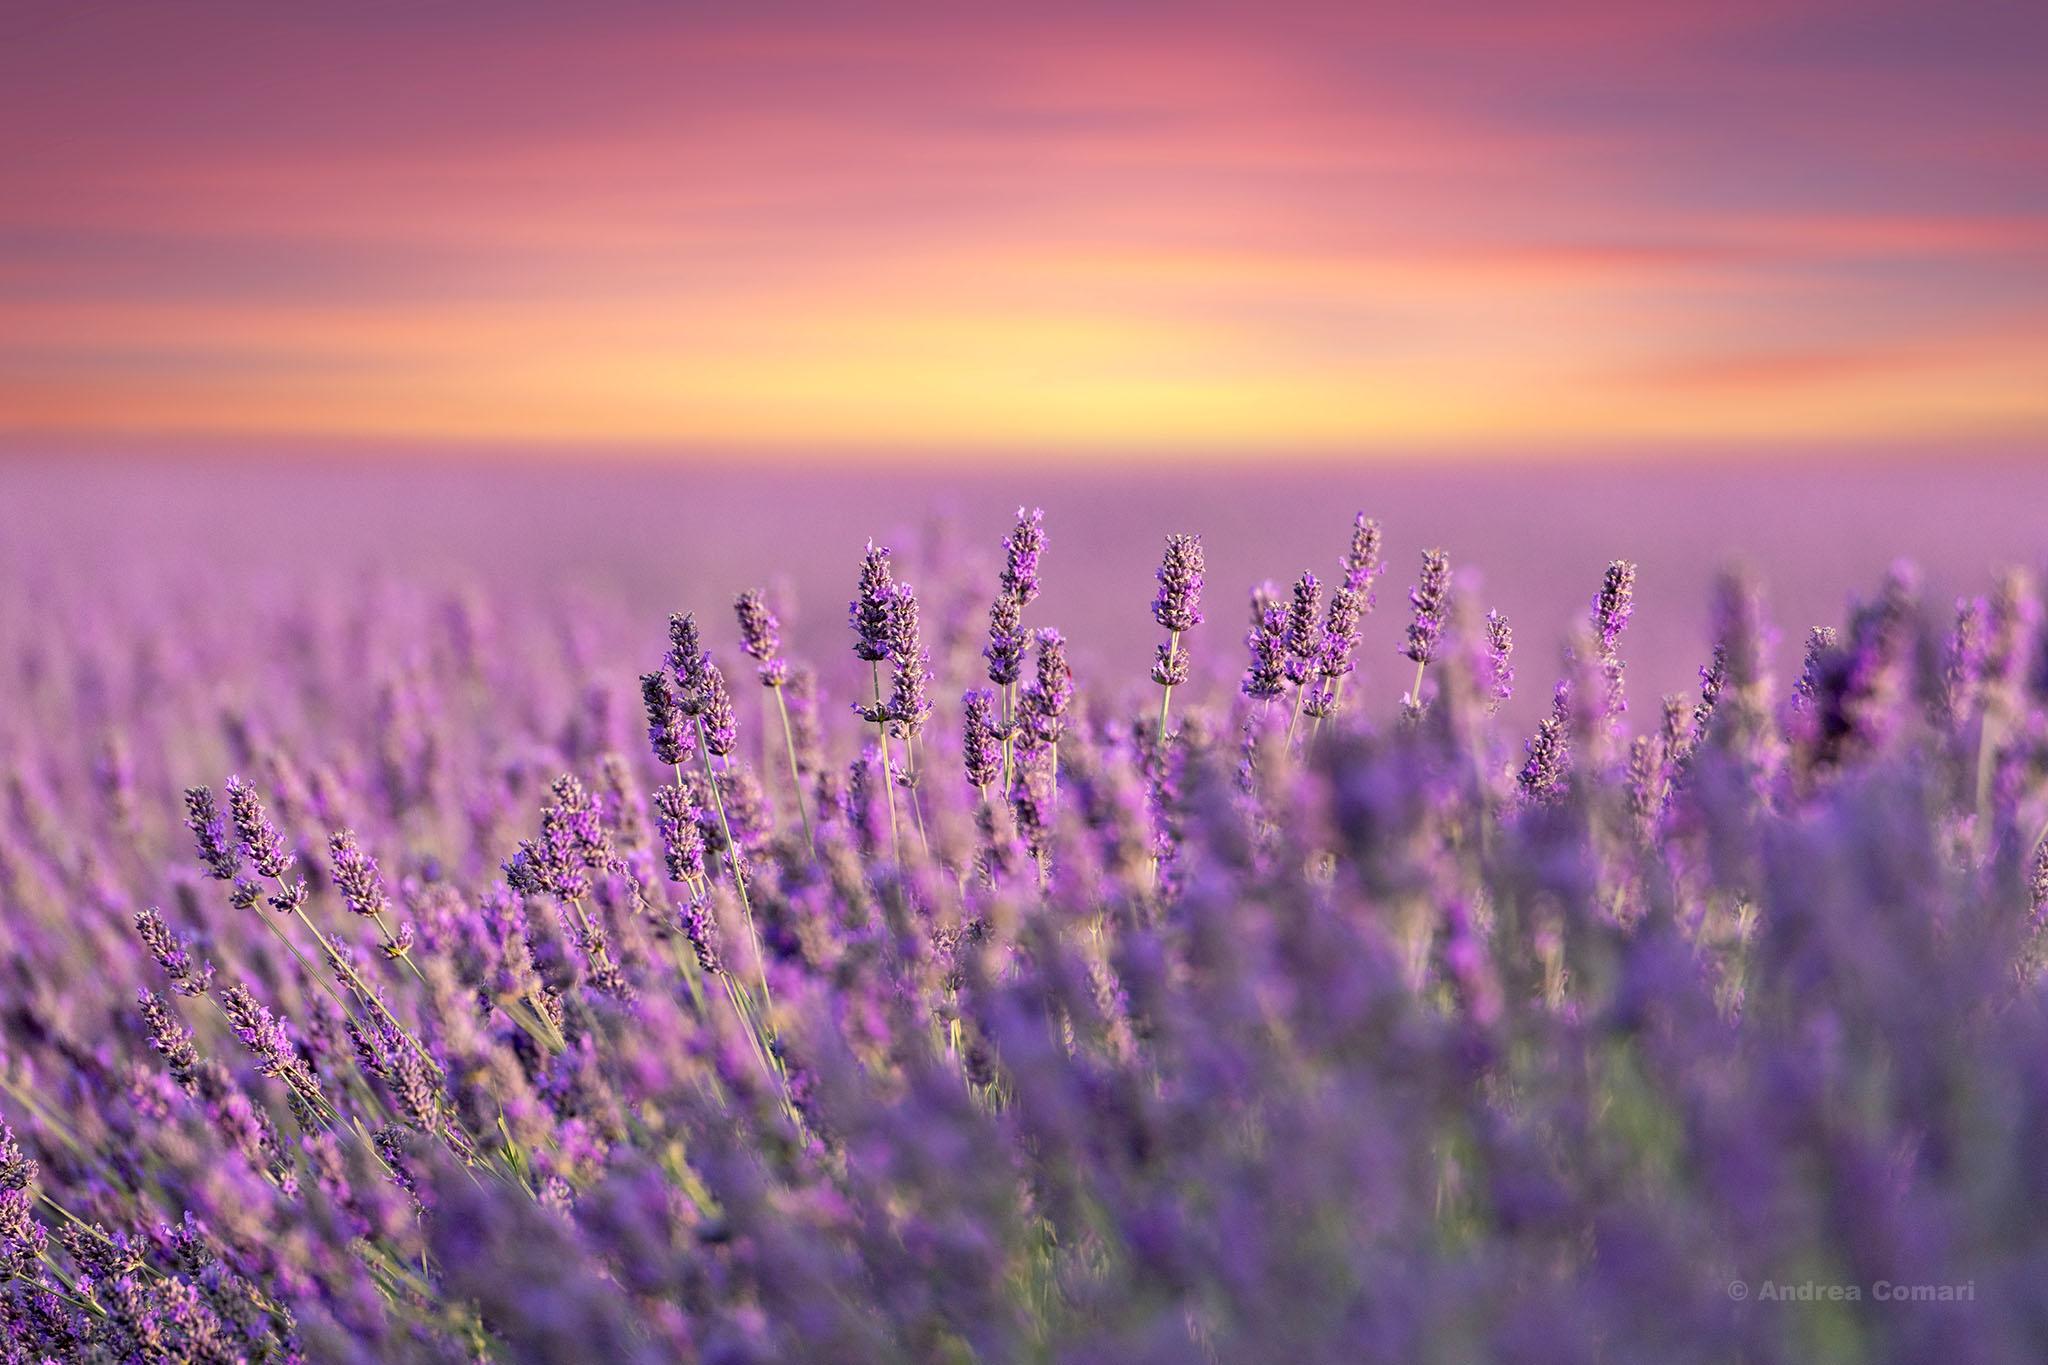 Lavender Field in Polesine, Italy